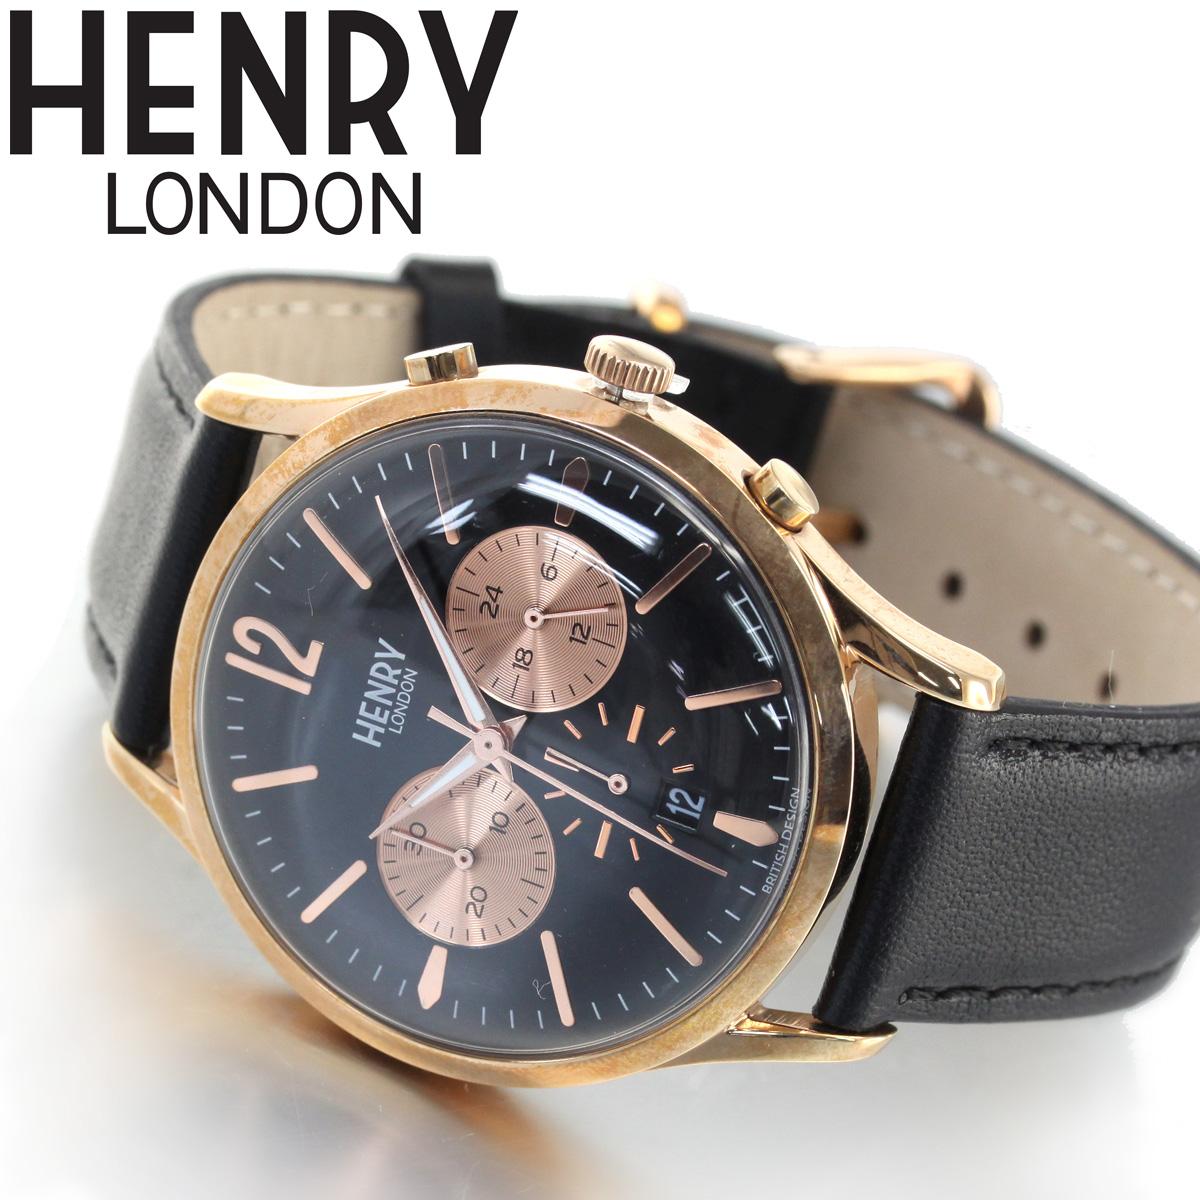 【5日0時~♪10%OFFクーポン&店内ポイント最大51倍!5日23時59分まで】ヘンリーロンドン HENRY LONDON 腕時計 メンズ レディース RICHMOND HL41-CS-0042